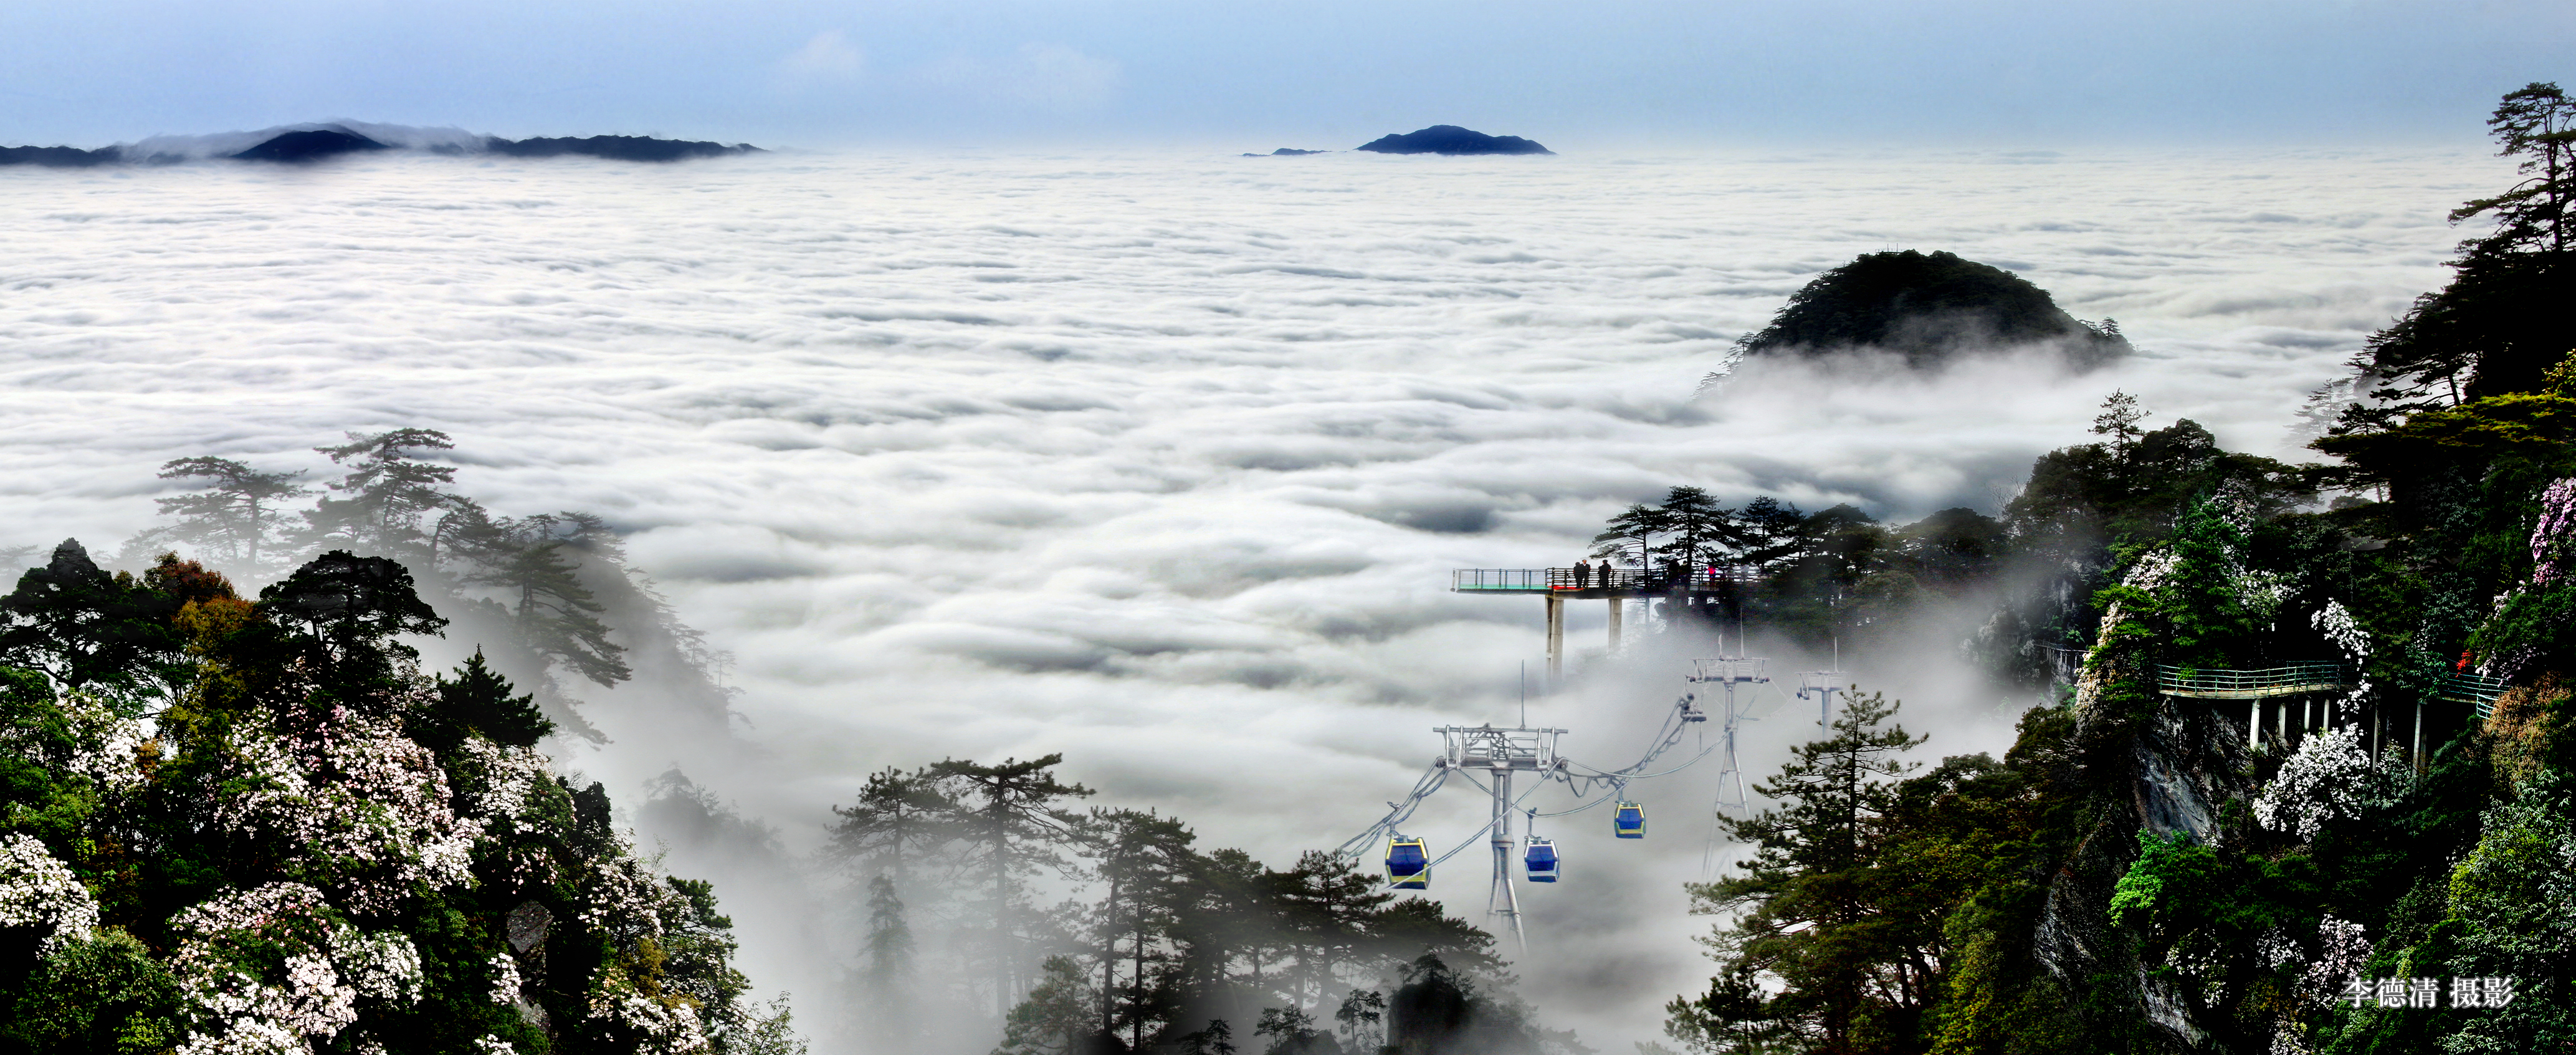 井冈山风景区五一人气创新高